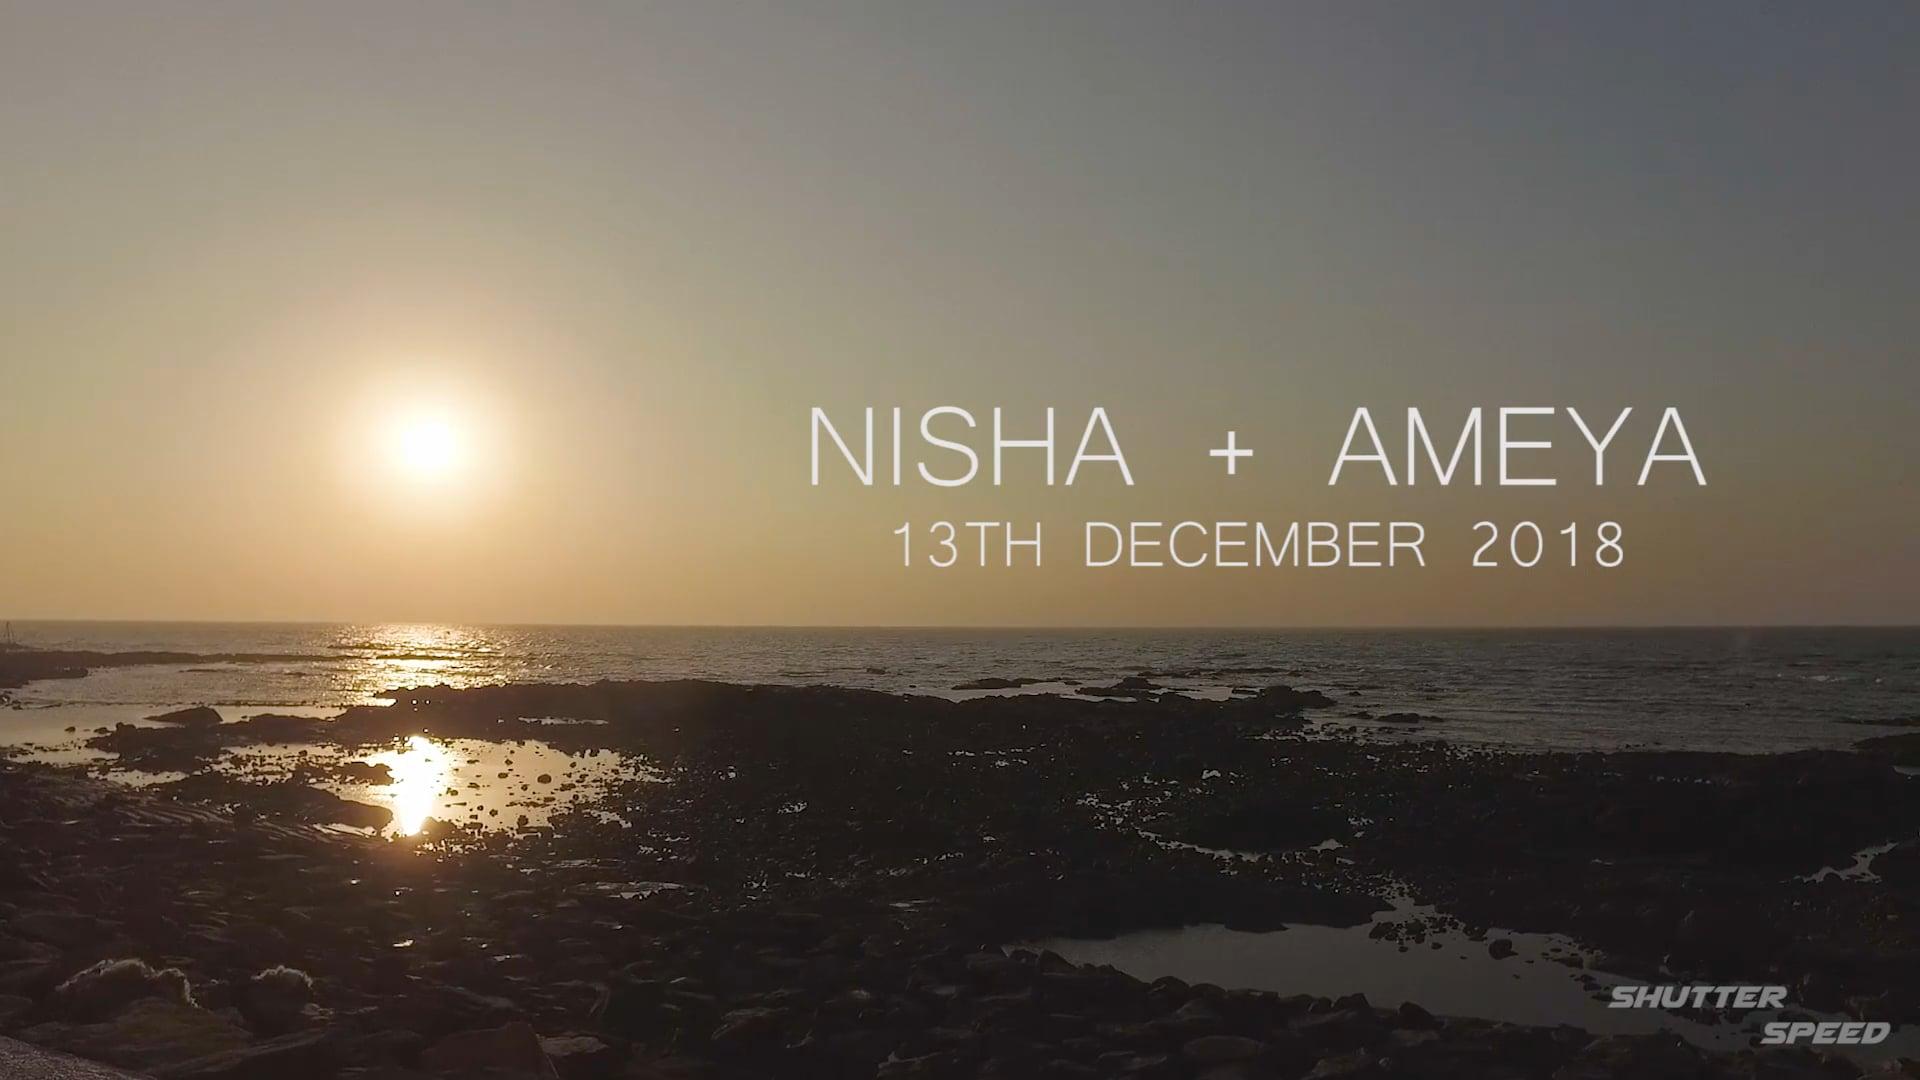 Nisha weds Ameya